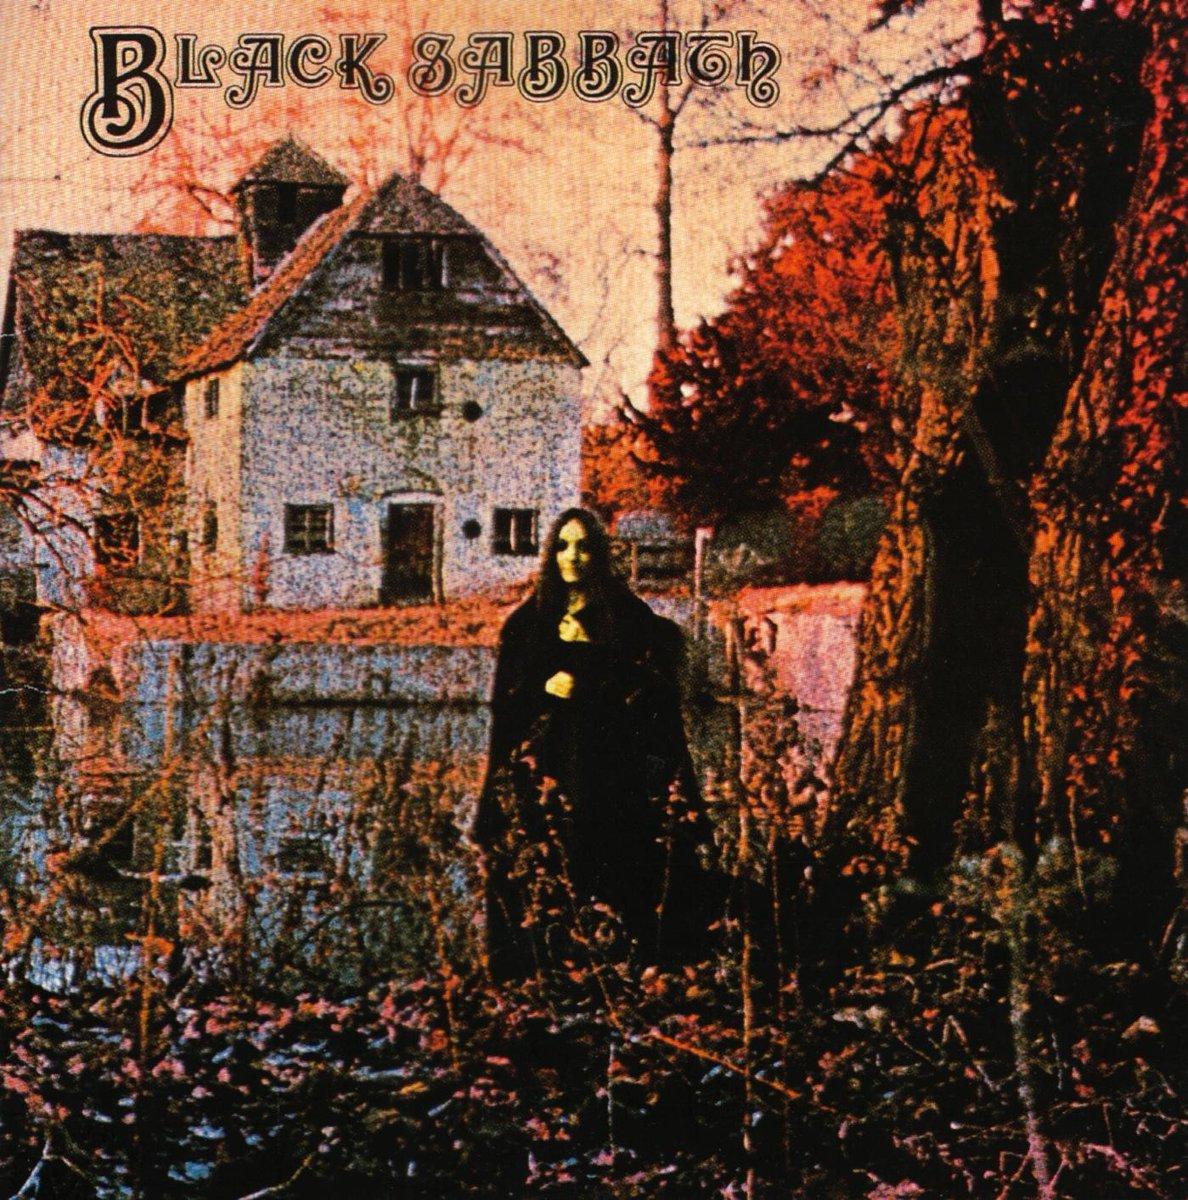 [Artigo] Como o Black Sabbath, há 50 anos, criou o heavy metal com um álbum gravado em um único dia https://t.co/wAlvCLdo7q https://t.co/qULzm4QyRK